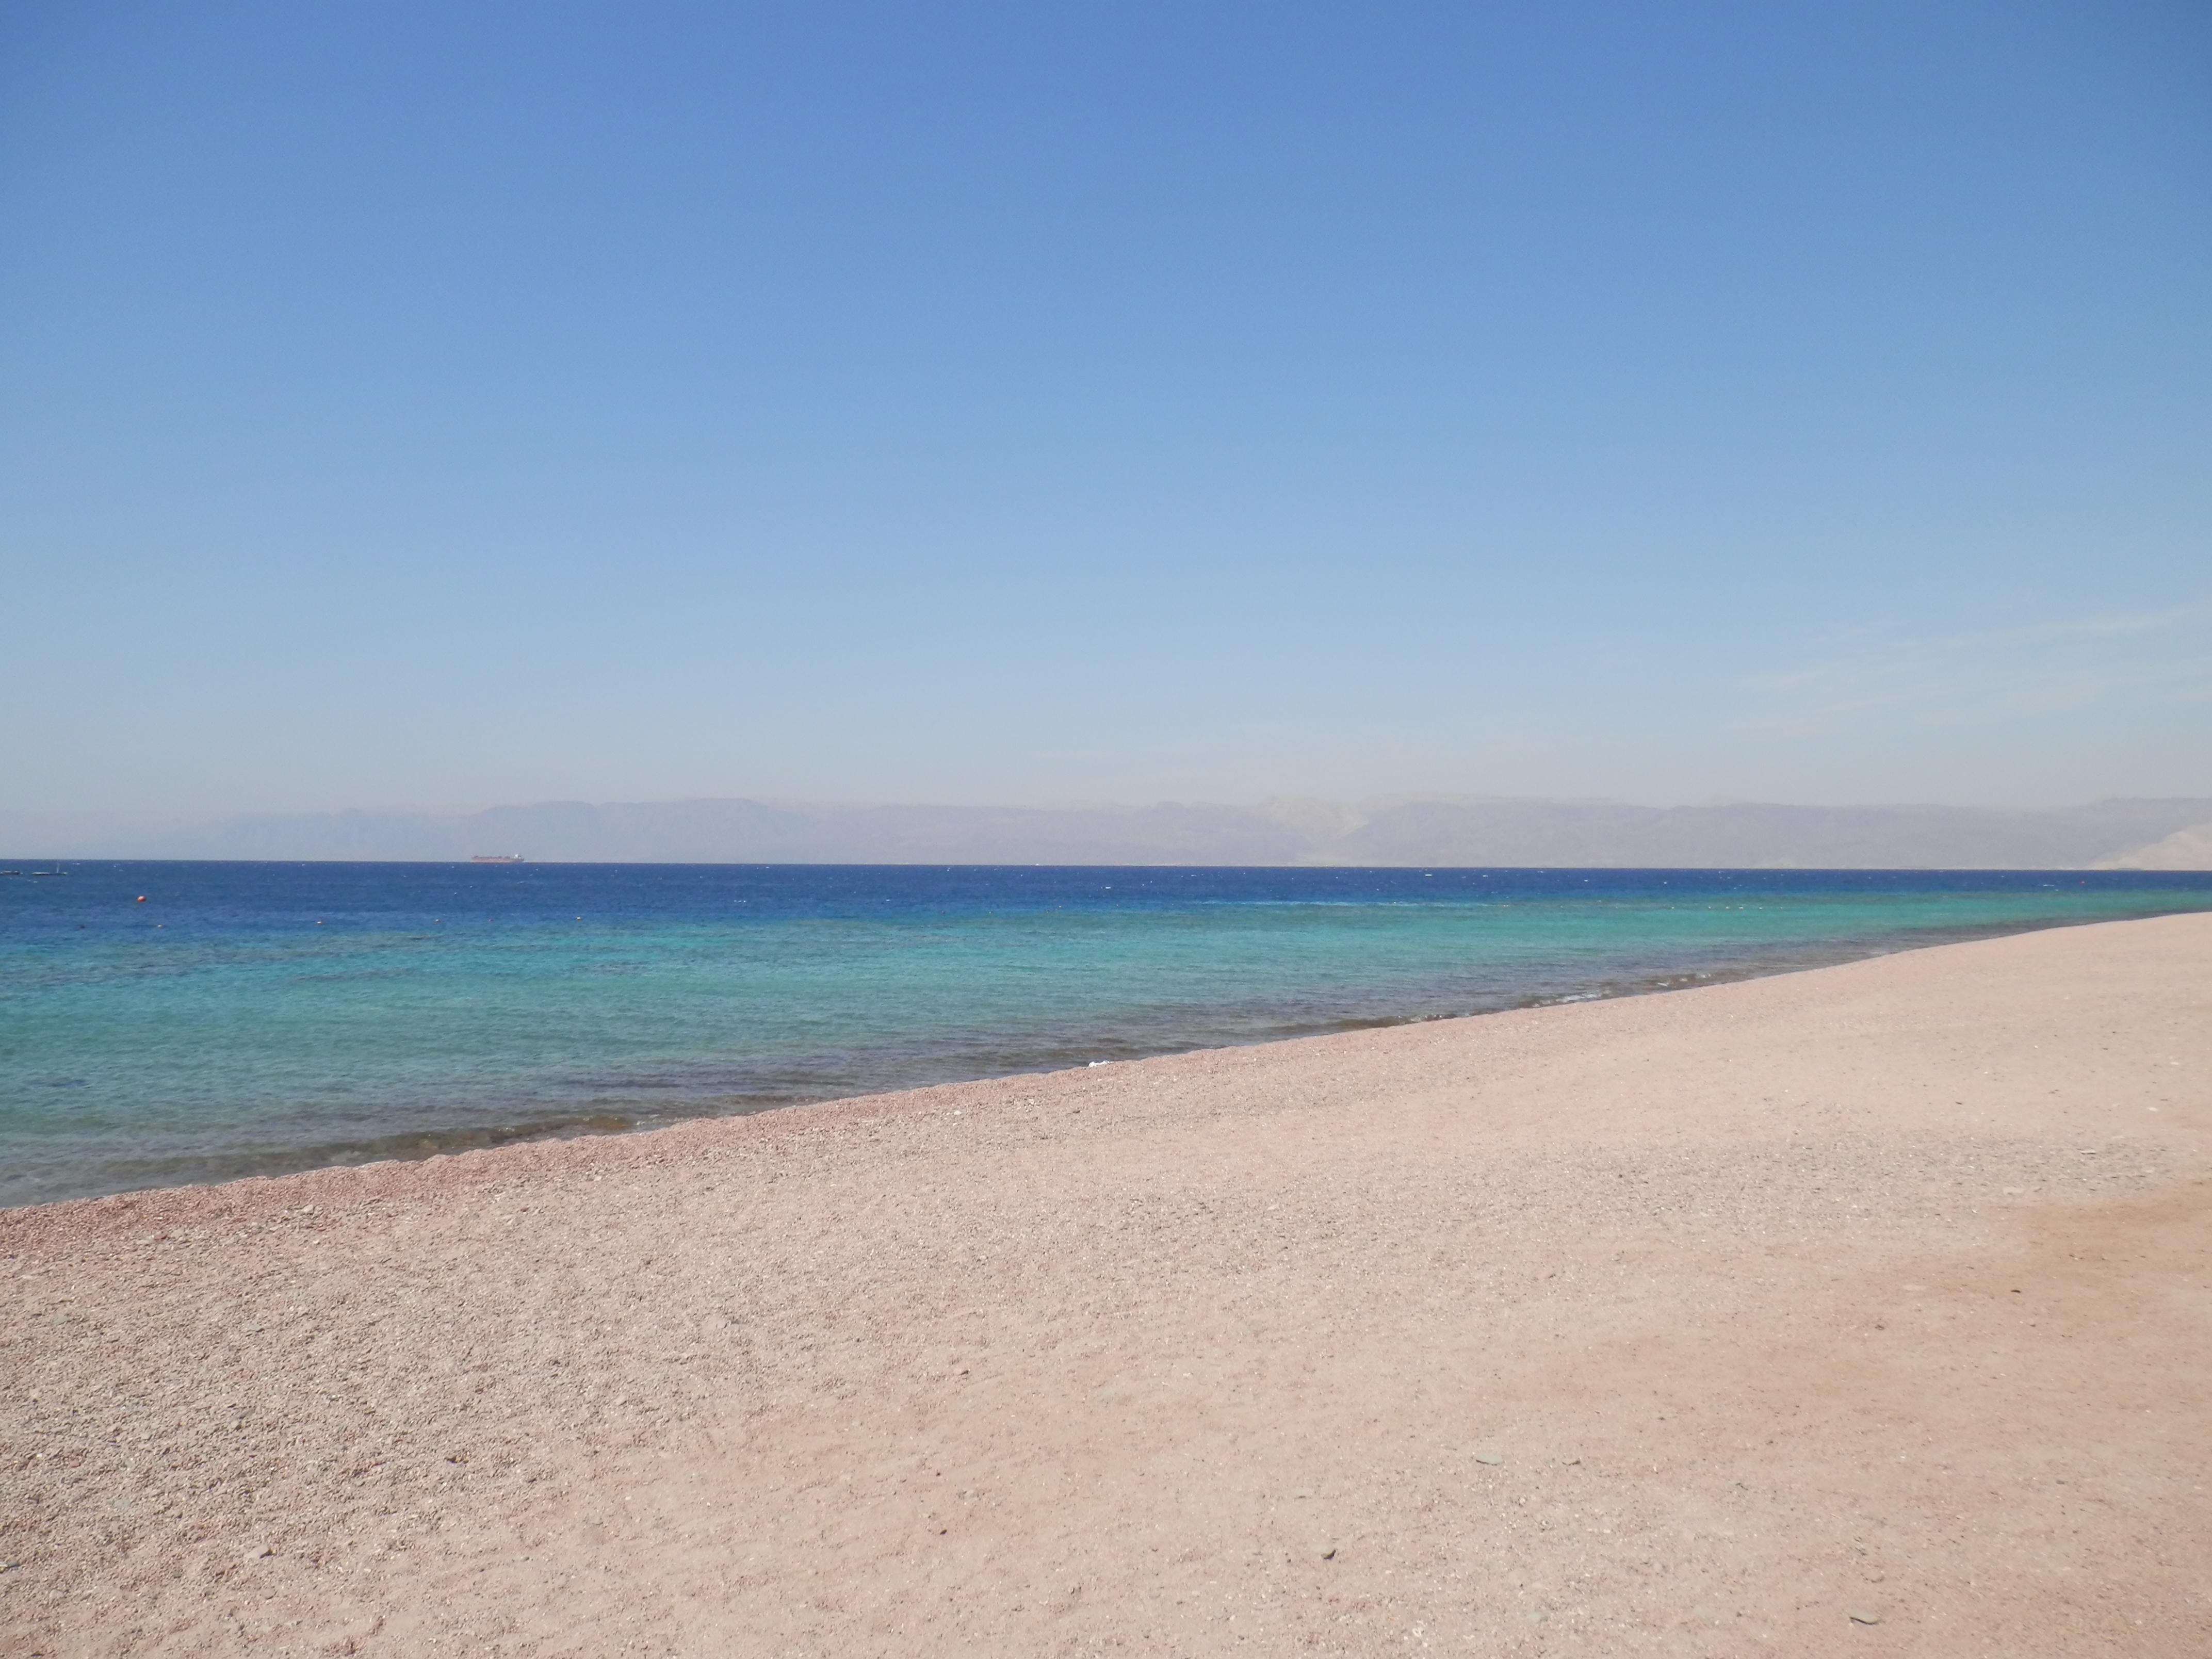 Pláže v Aqabě